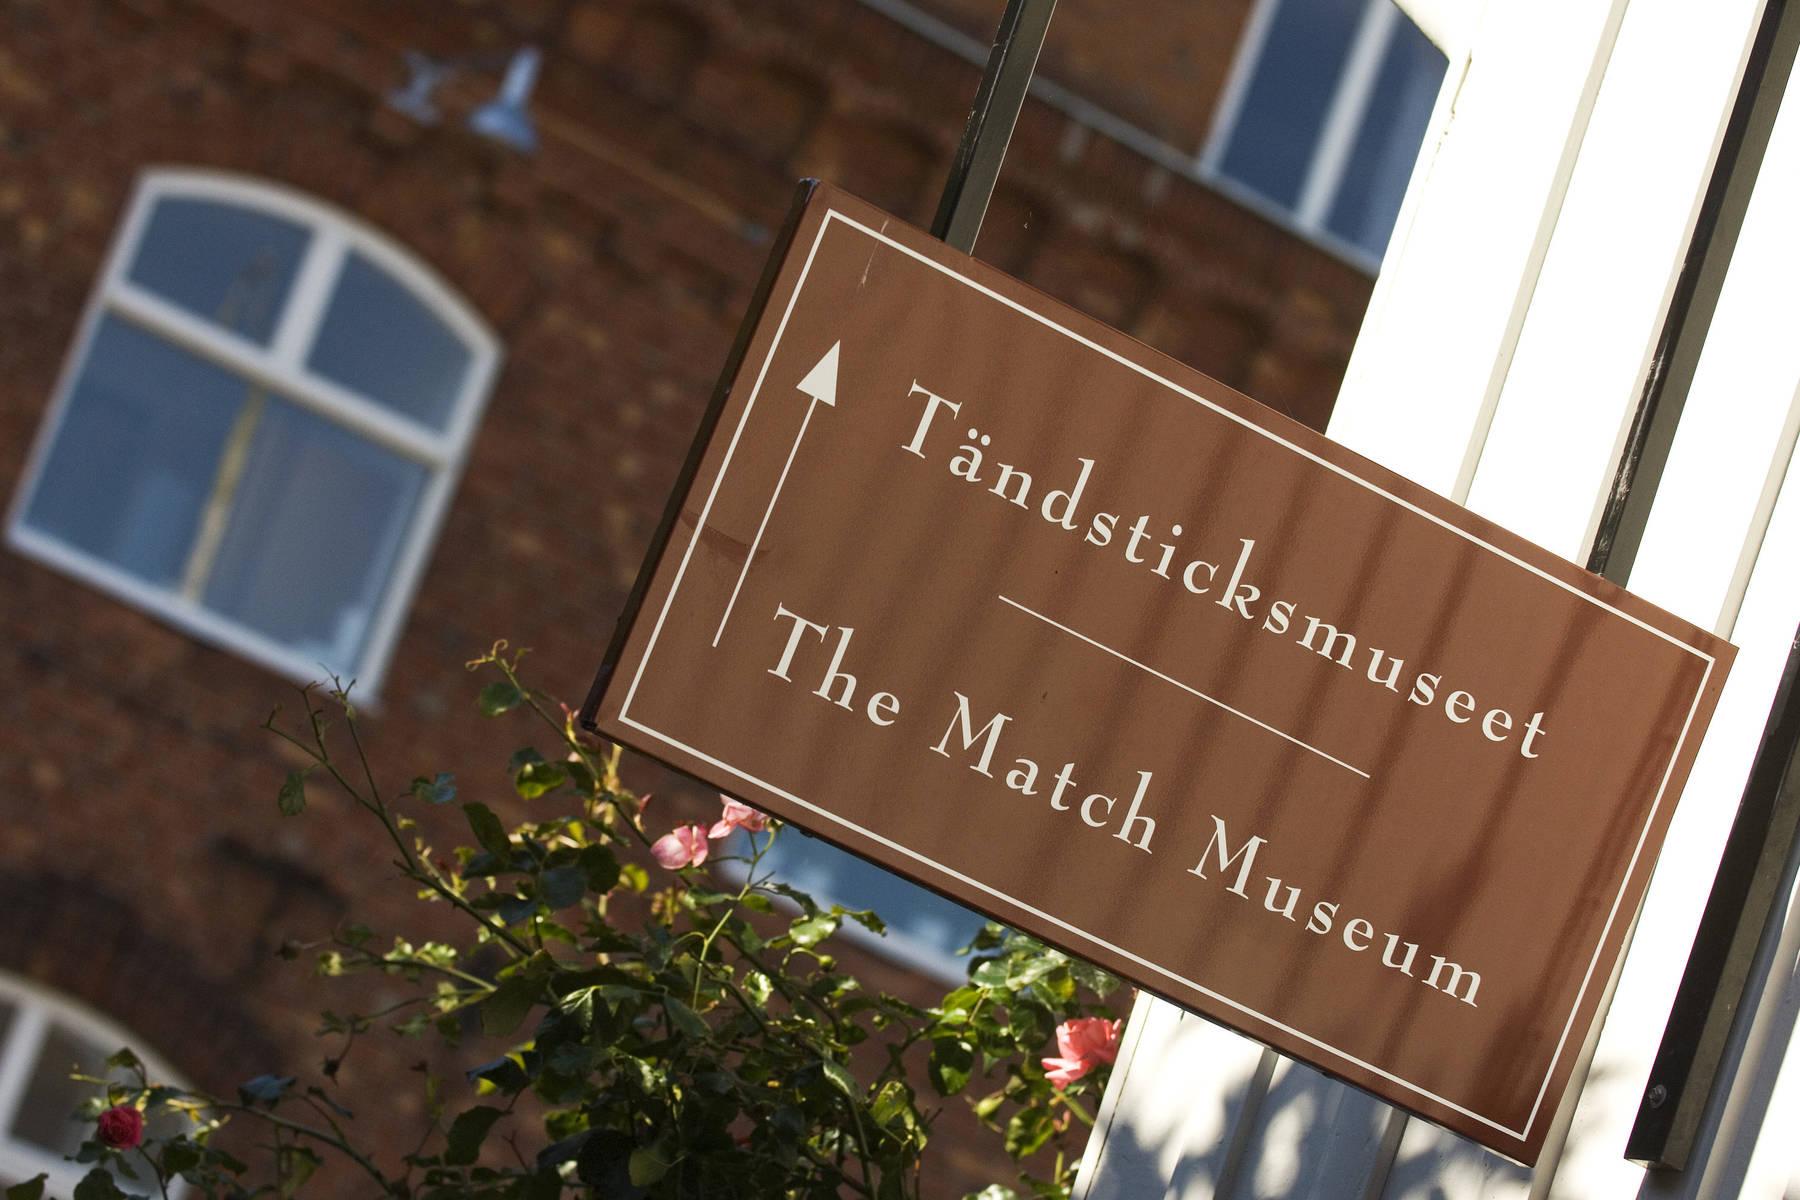 Hier geht's zum Streichholzmuseum in Jönköping